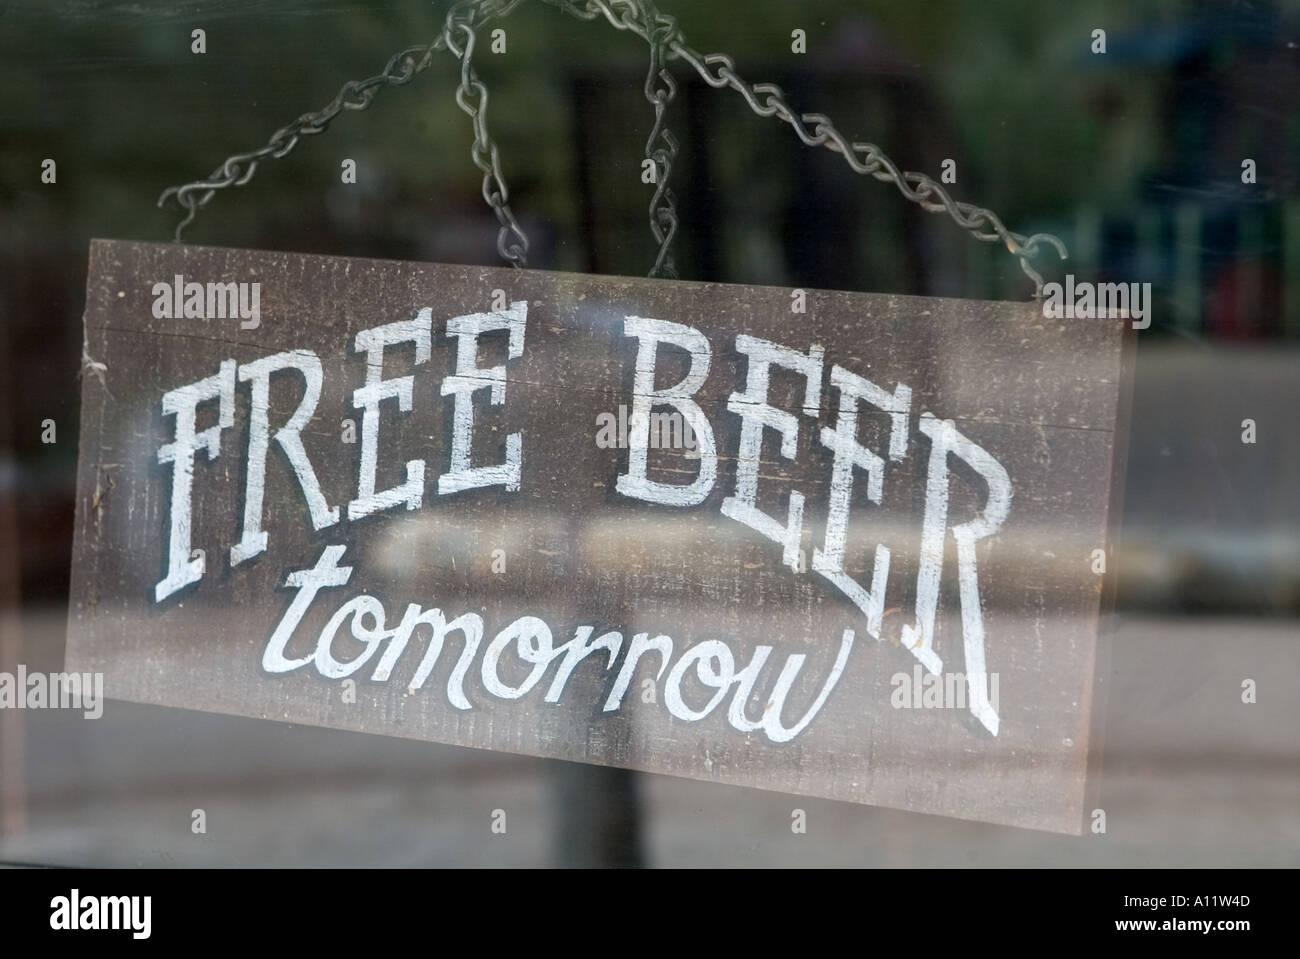 Free beer tomorrow sign on bar door Arizona USA - Stock Image